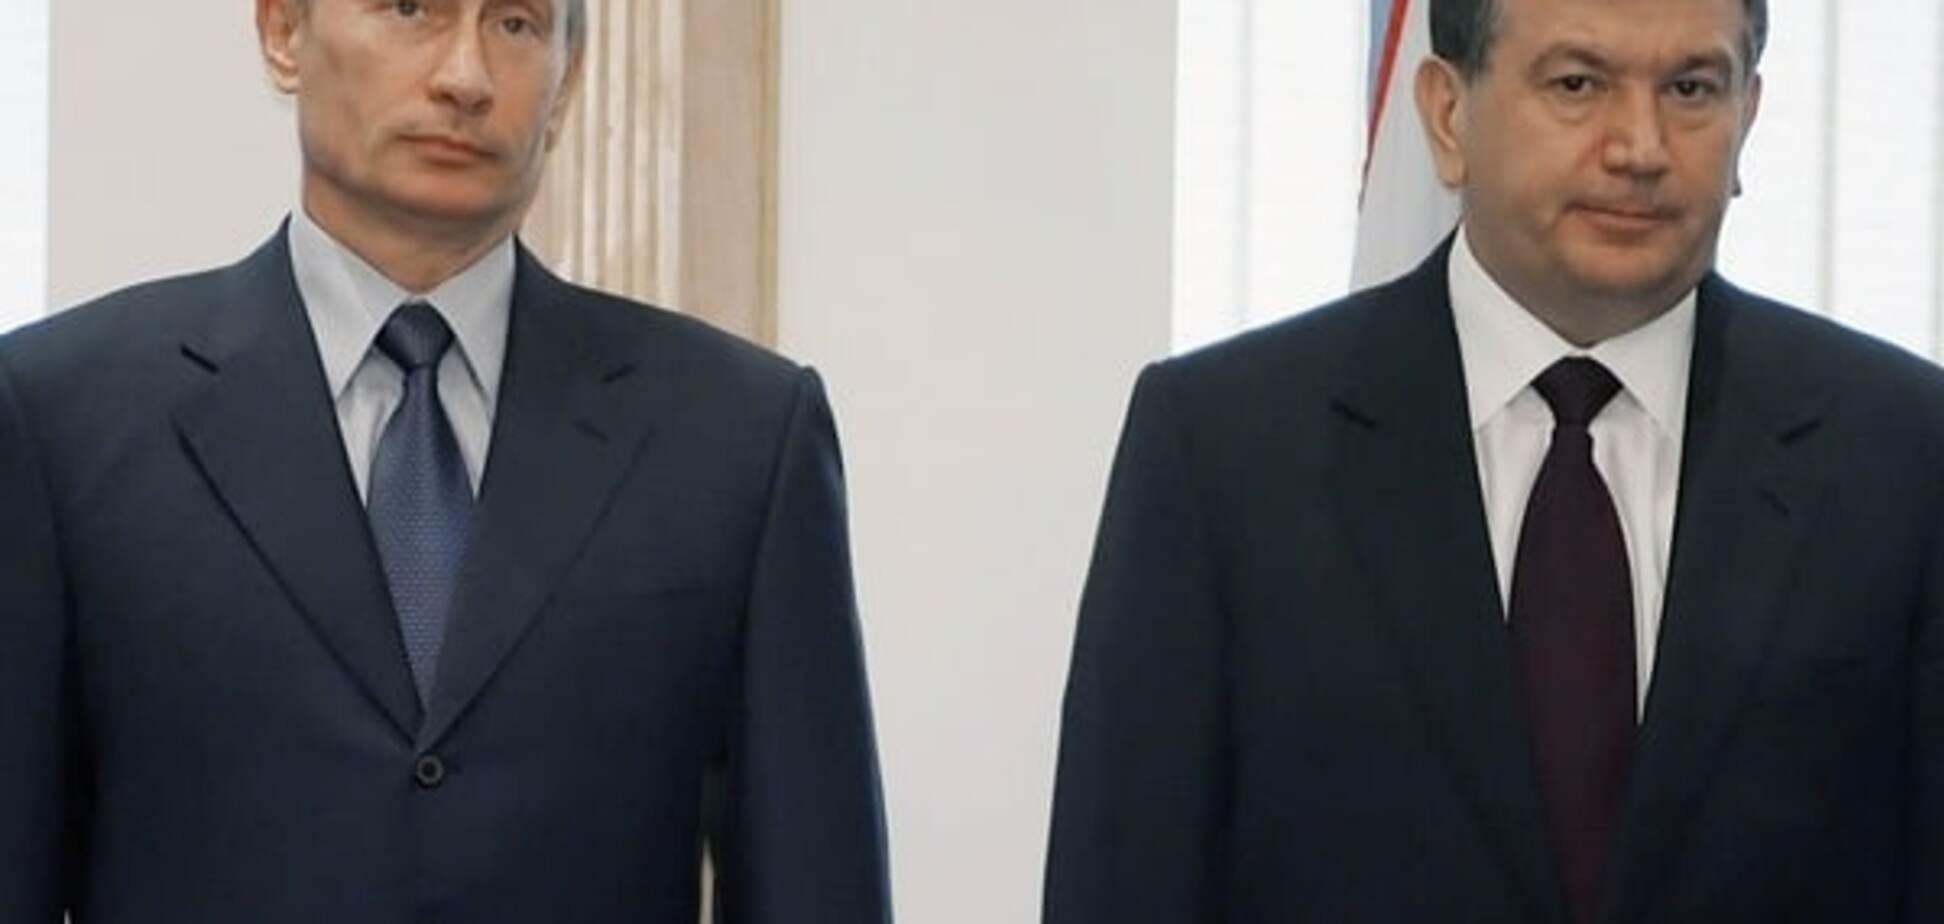 Смены вектора не будет: и. о. президента Узбекистана отказался вступать в военные блоки